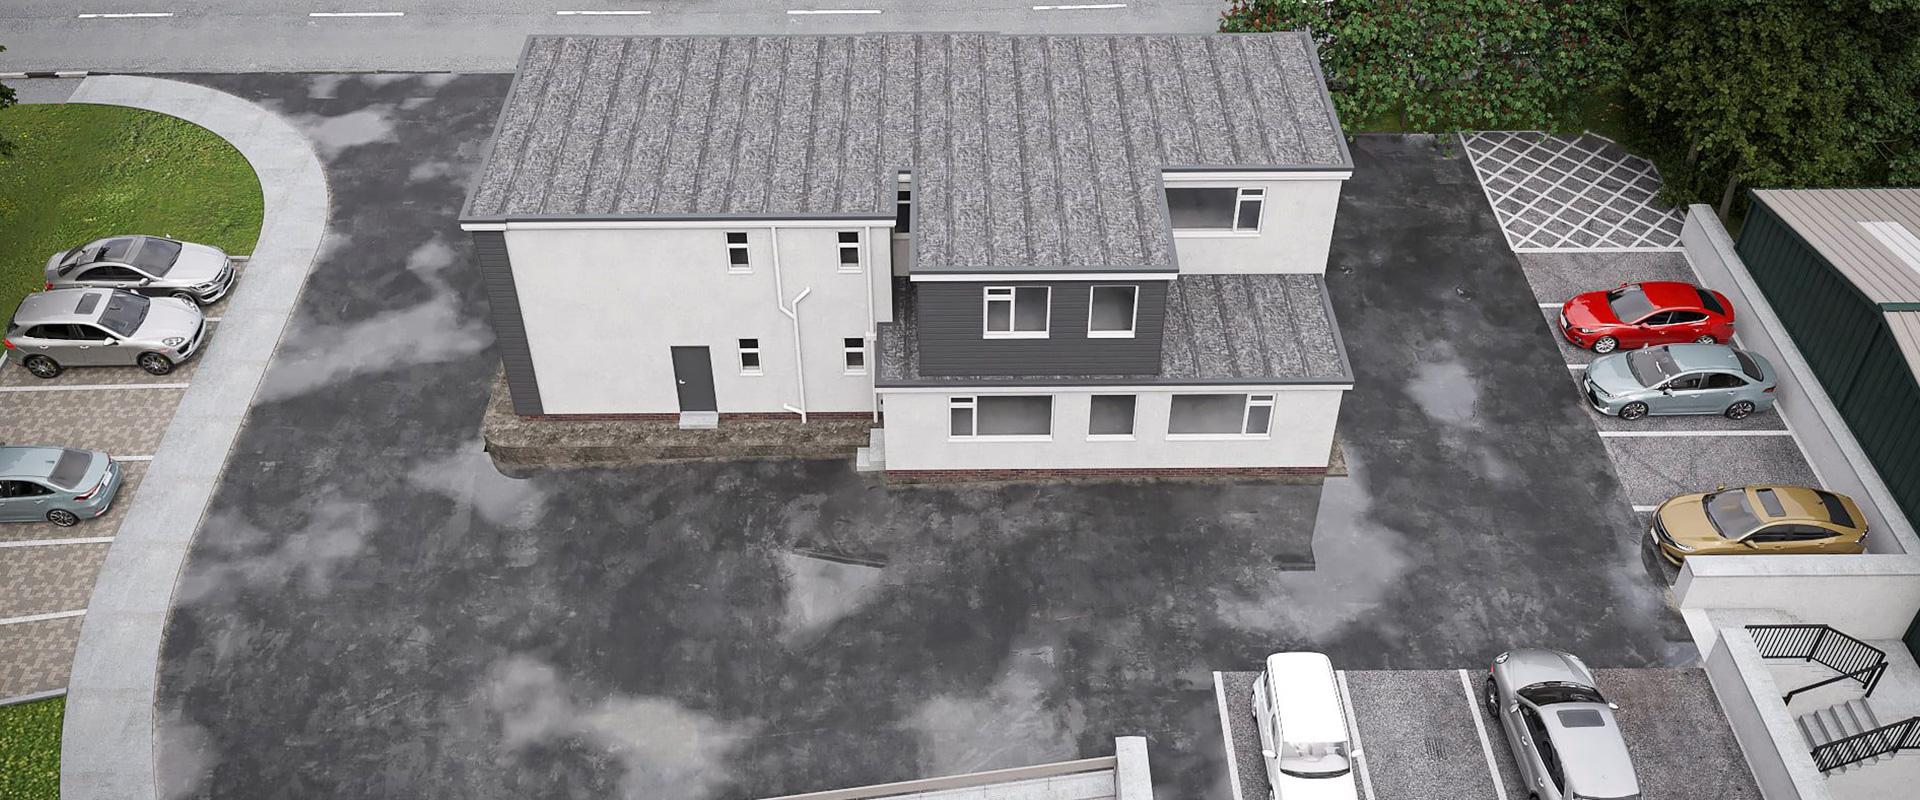 blog-bcs-house1920x02